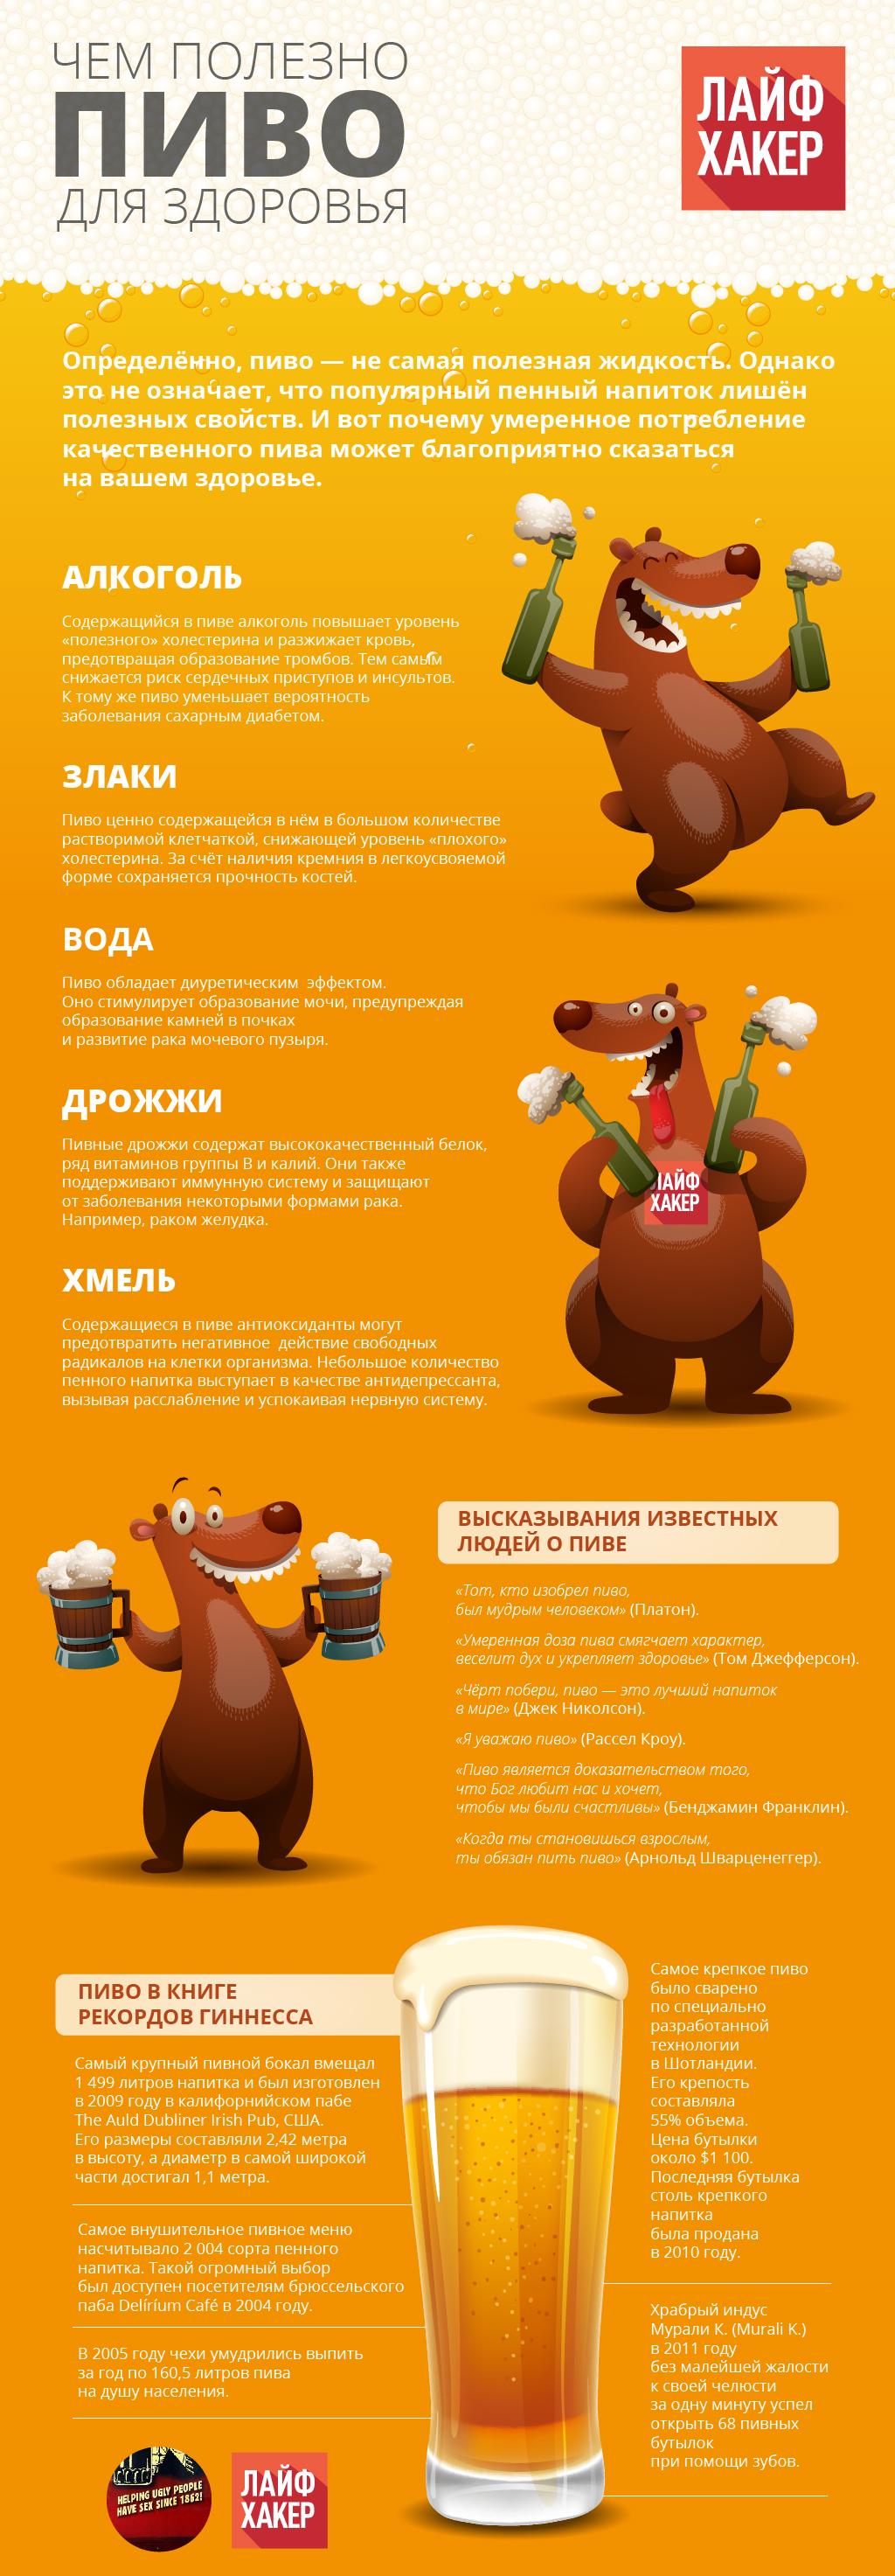 ИНФОГРАФИКА. Чем полезно пиво